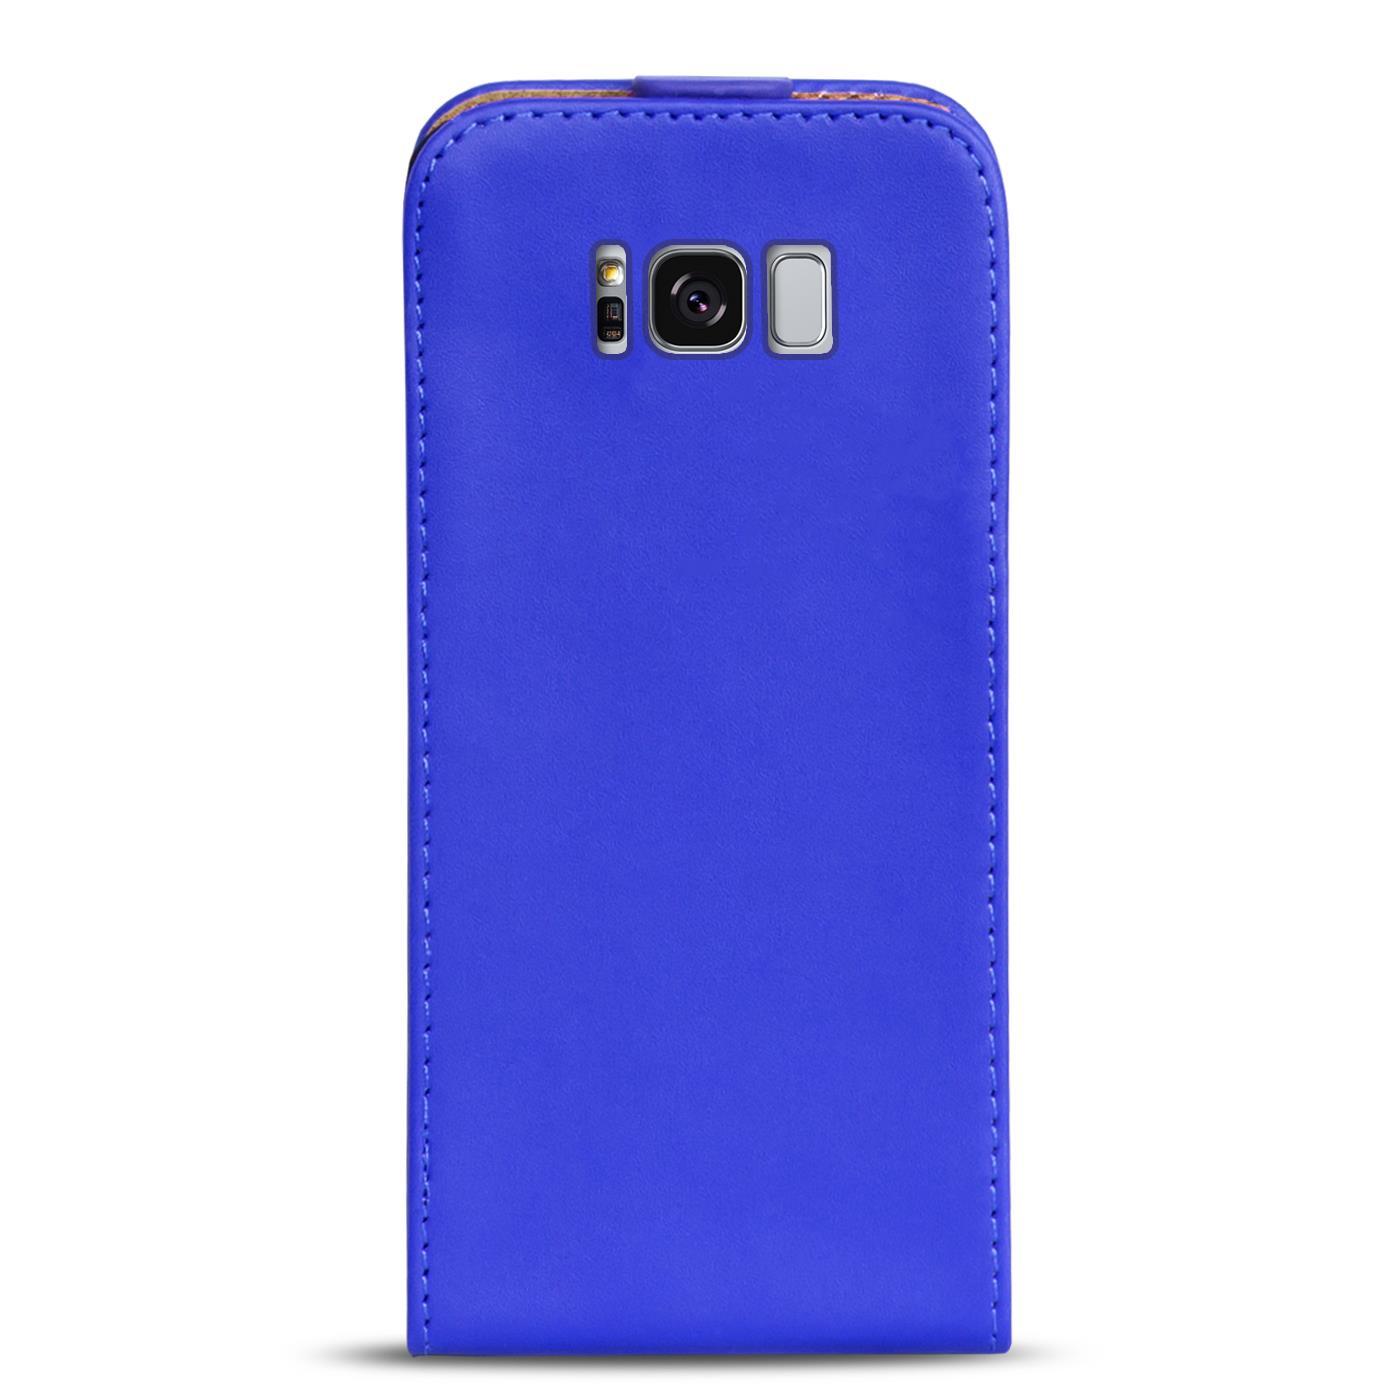 Klapphuelle-Samsung-Galaxy-Flip-Case-Tasche-Schutzhuelle-Cover-Schutz-Handy-Huelle Indexbild 13